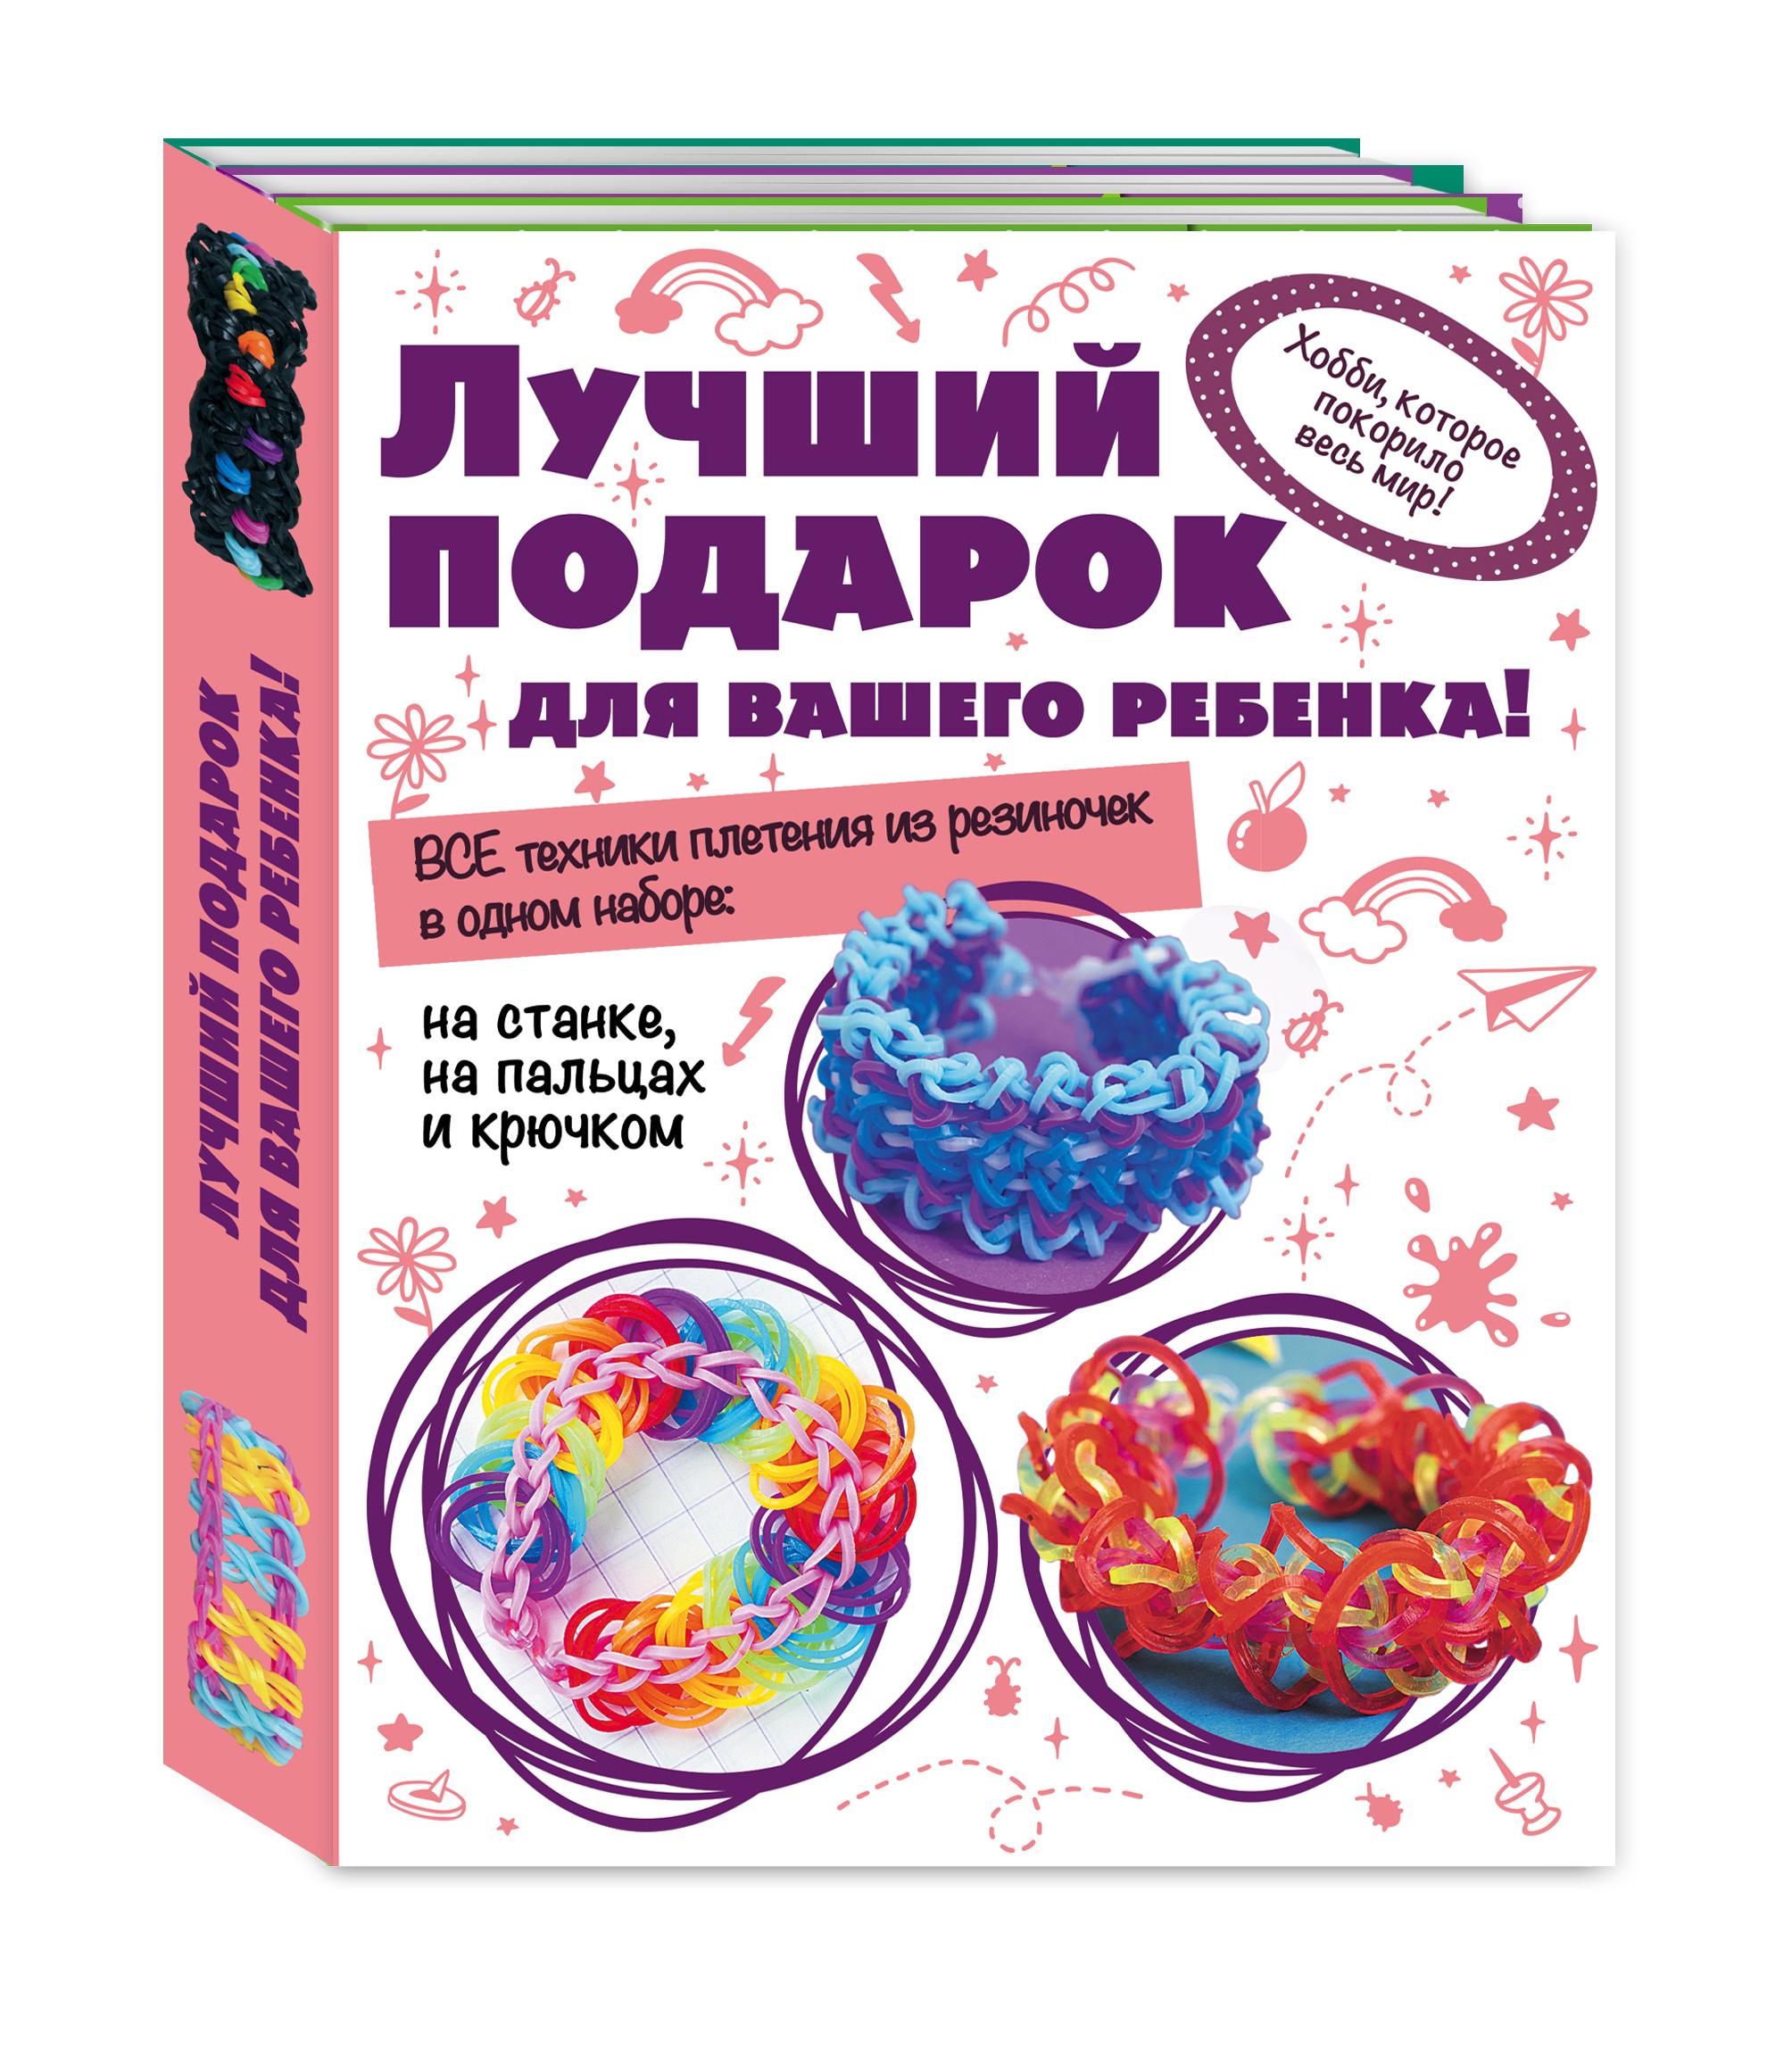 Волшебные резиночки. Комплект 1. Лучший подарок для вашего ребенка!